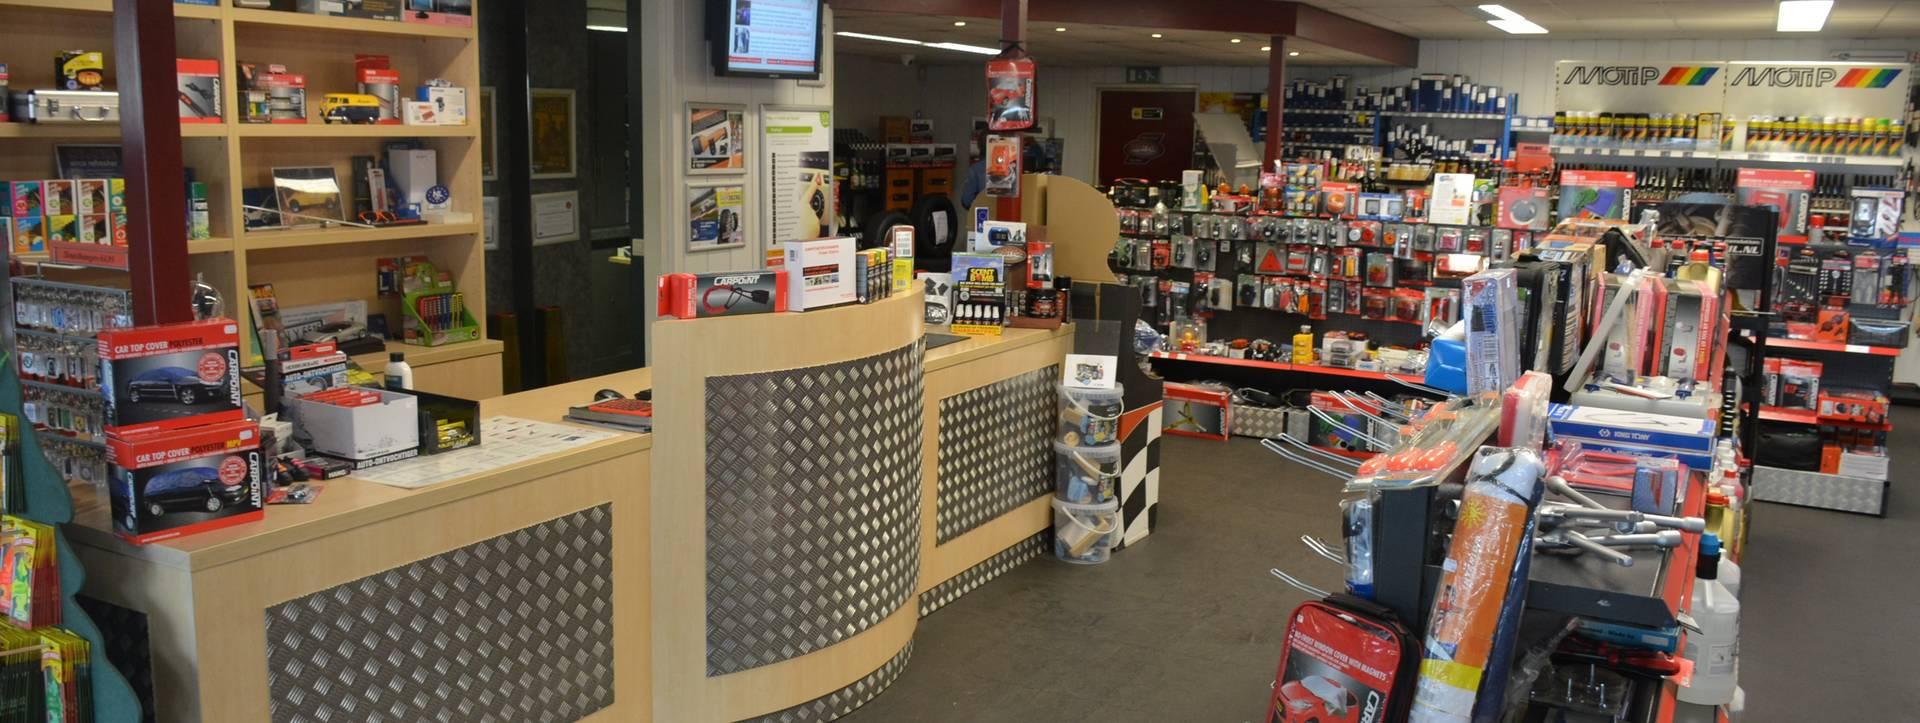 Autoshop Wildeboer Beilen, werkplaats, winkel en AutoStyle dealer.